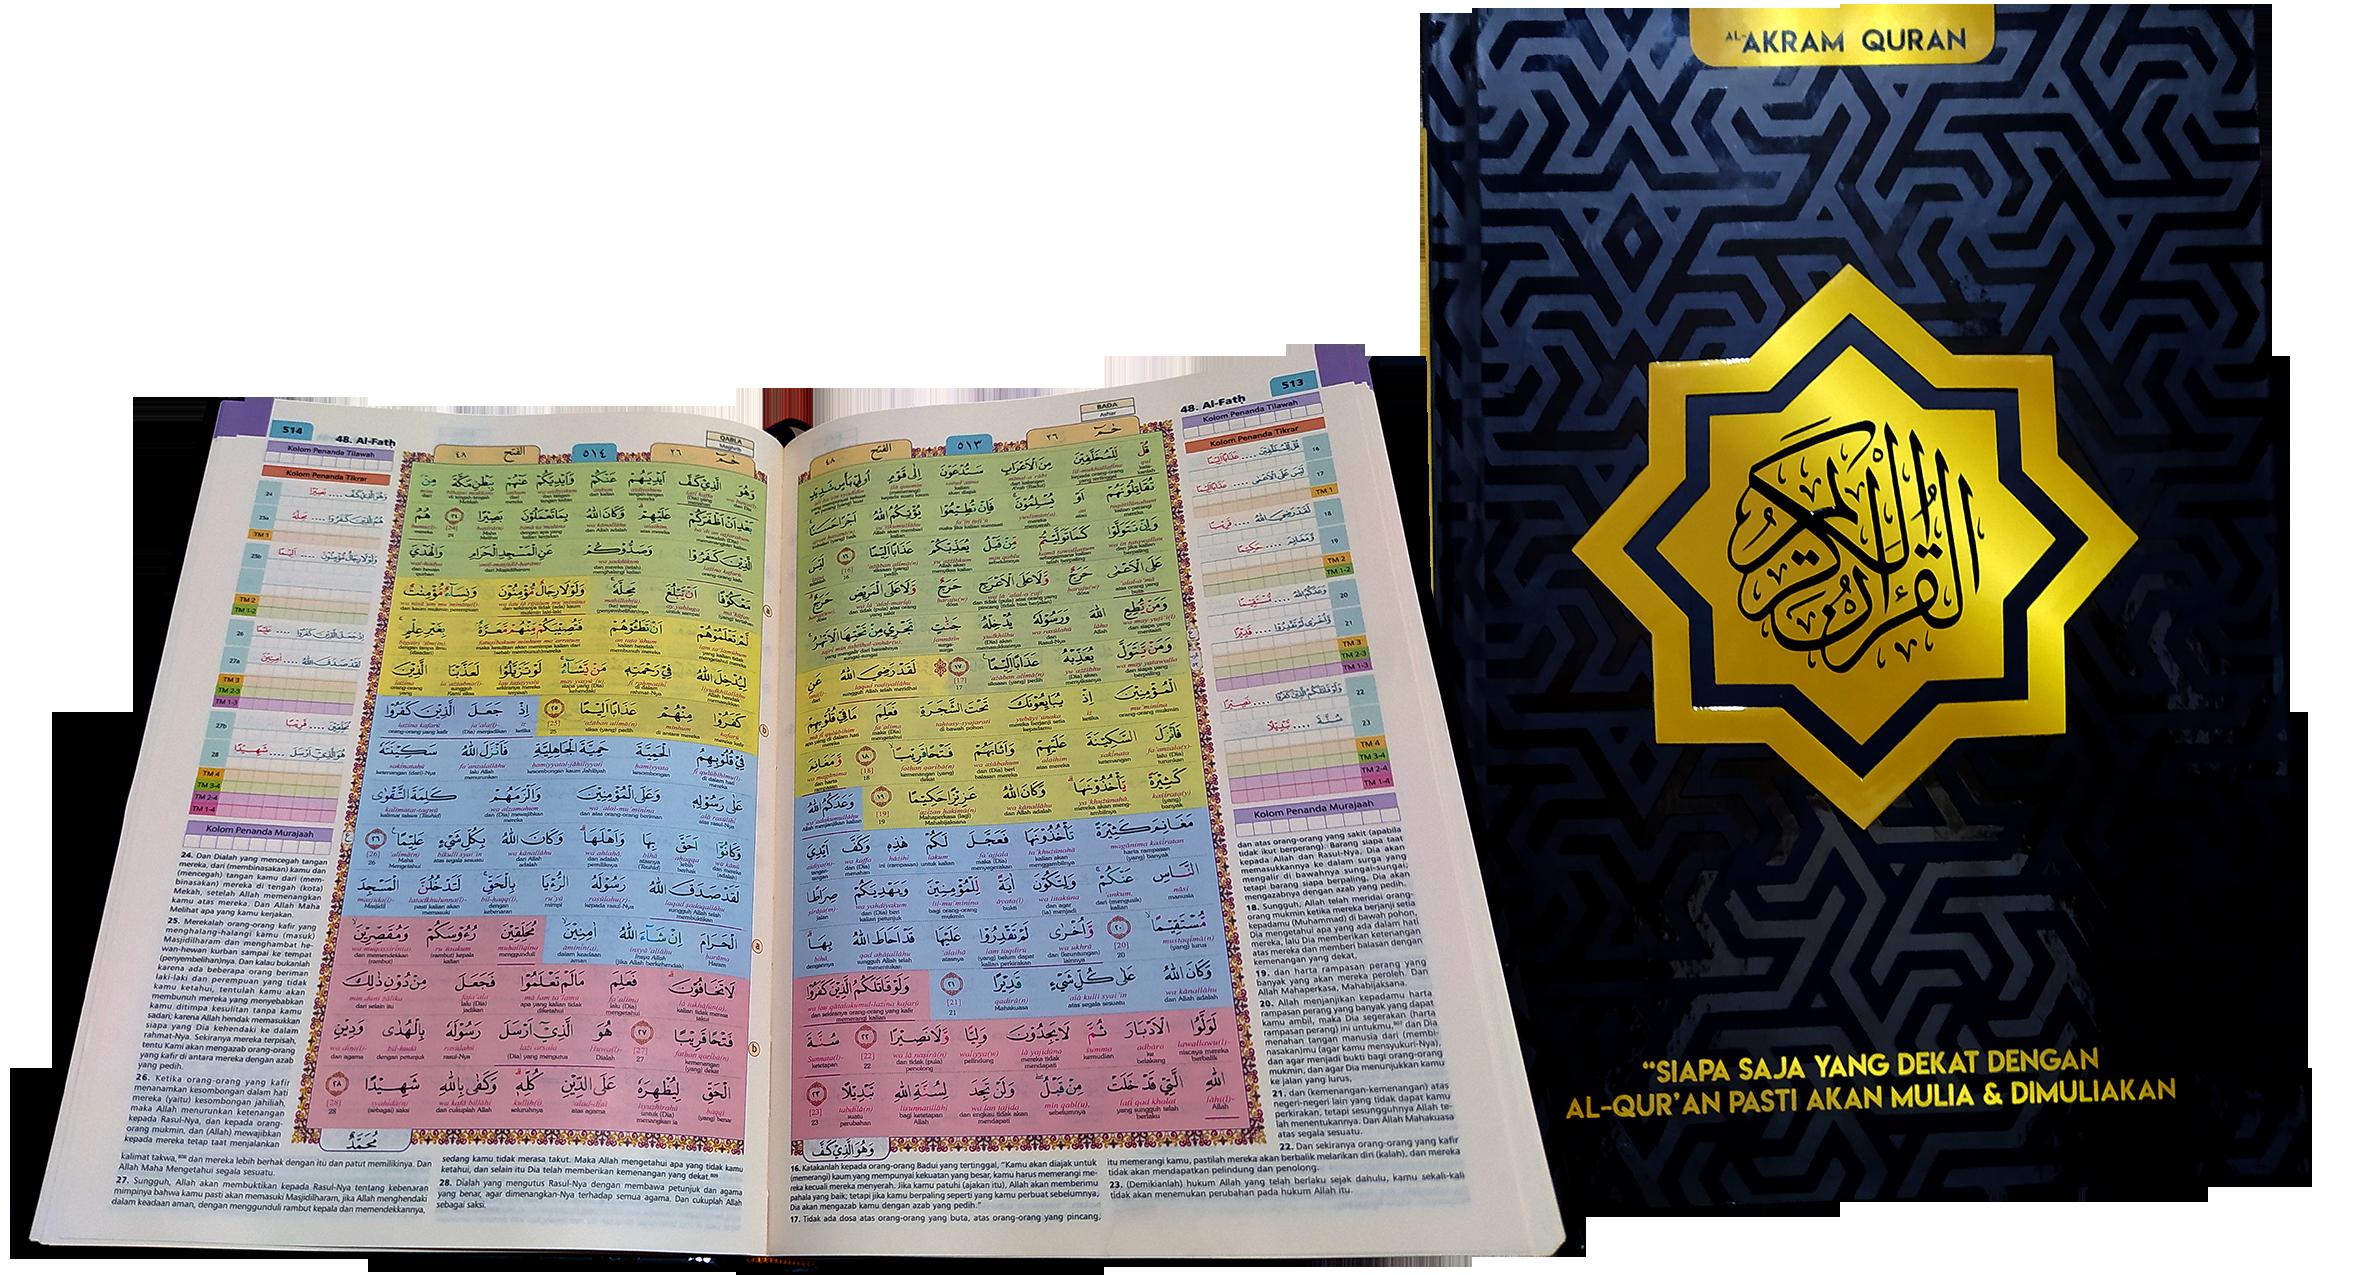 Quran AKRAM